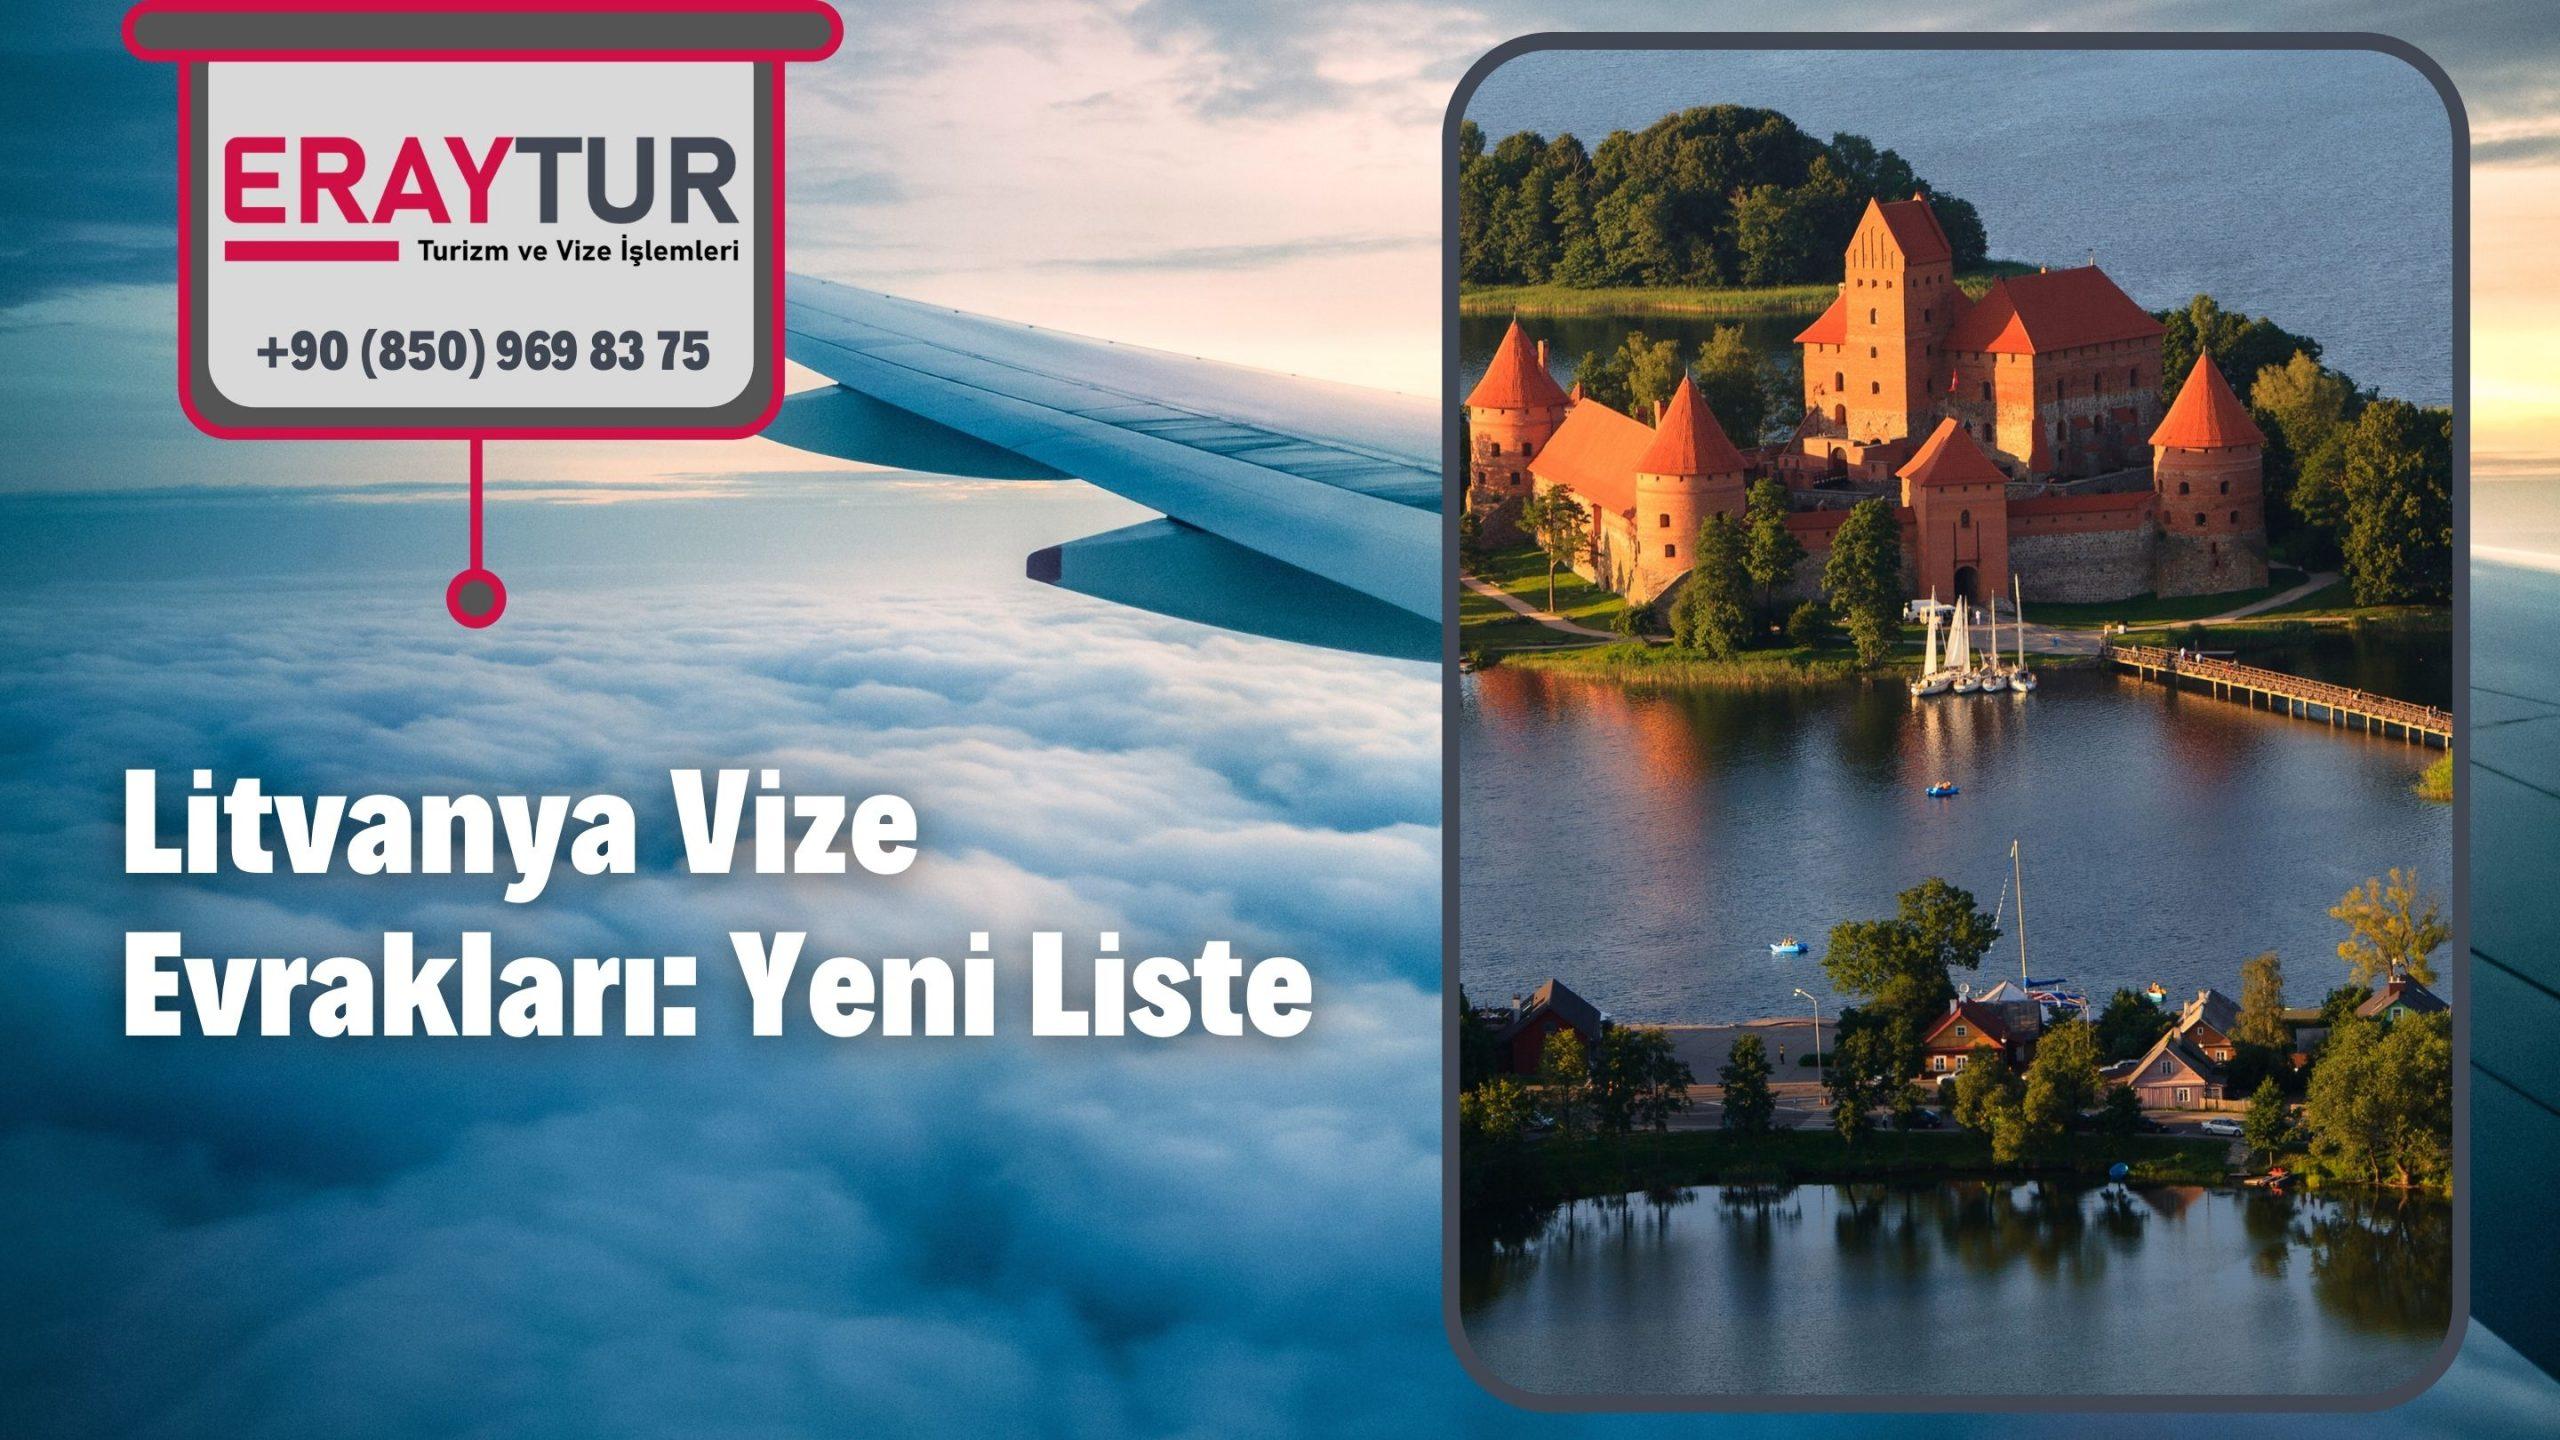 Litvanya Vize Evrakları: Yeni Liste [2021]